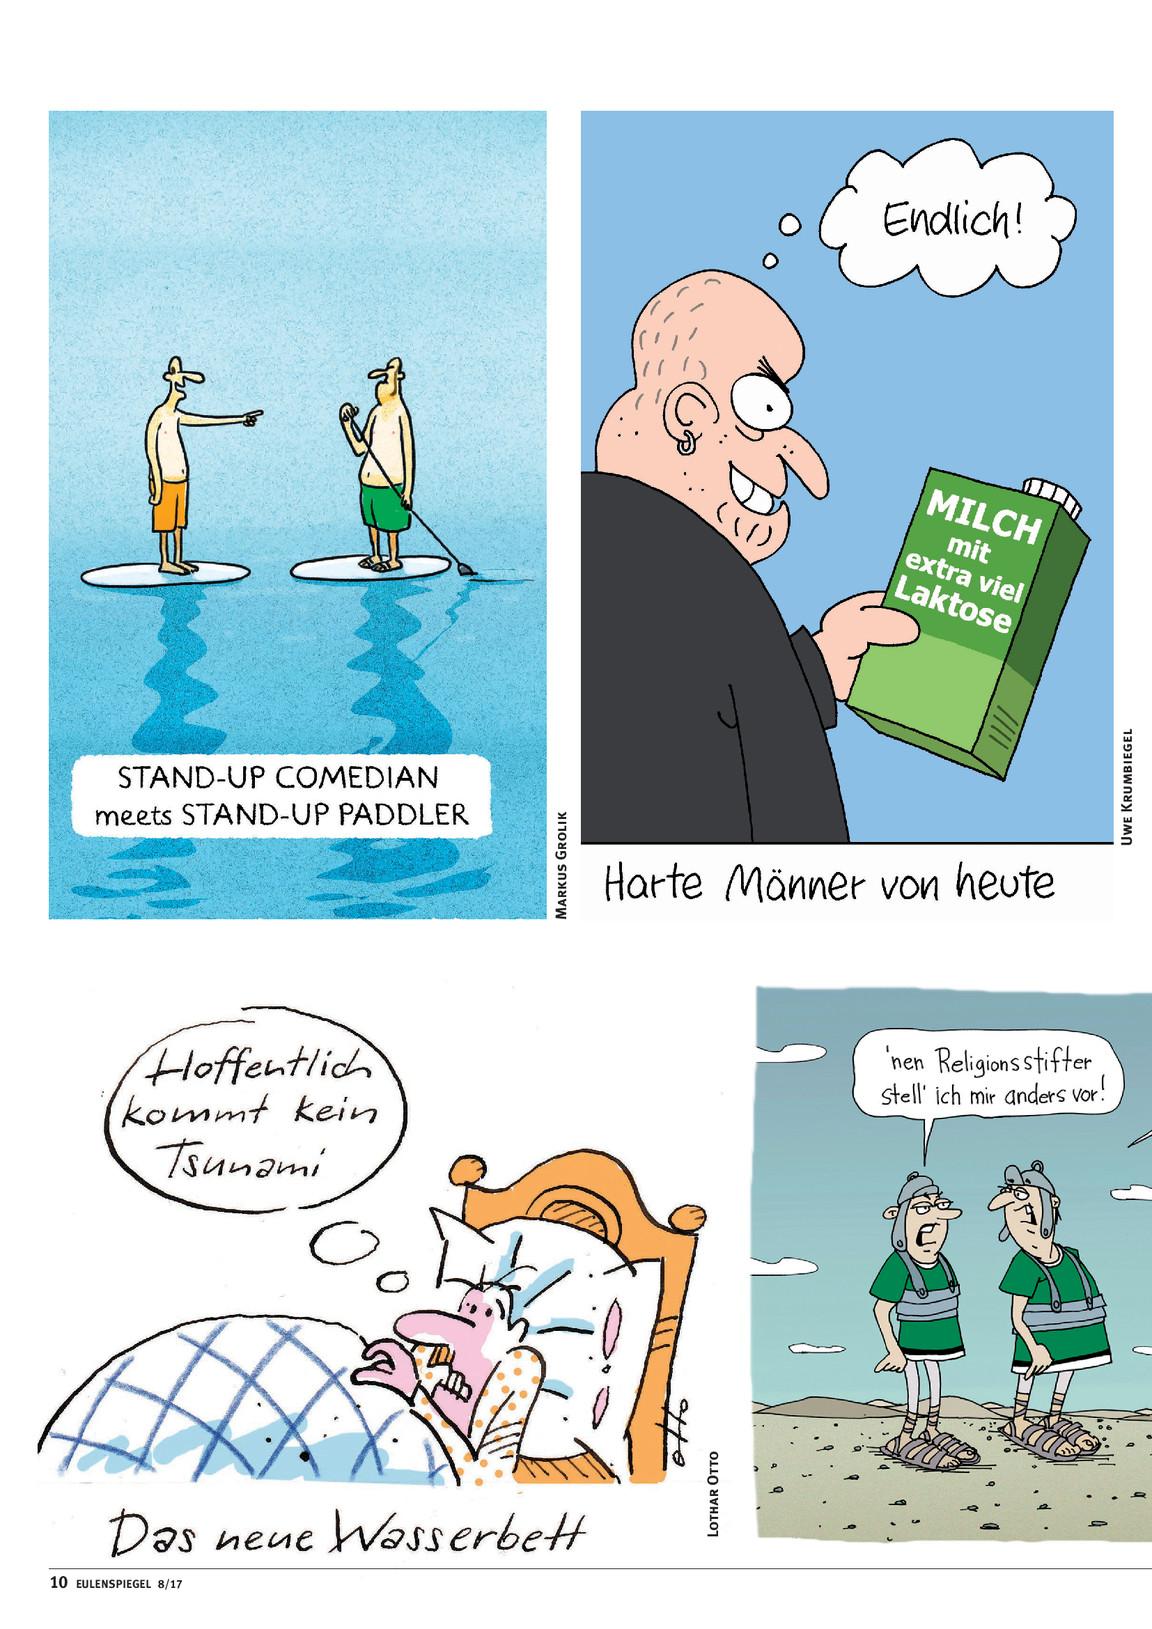 Wasserbett comic  Ausgabe 08/2017 | Eulenspiegel, das Satiremagazin